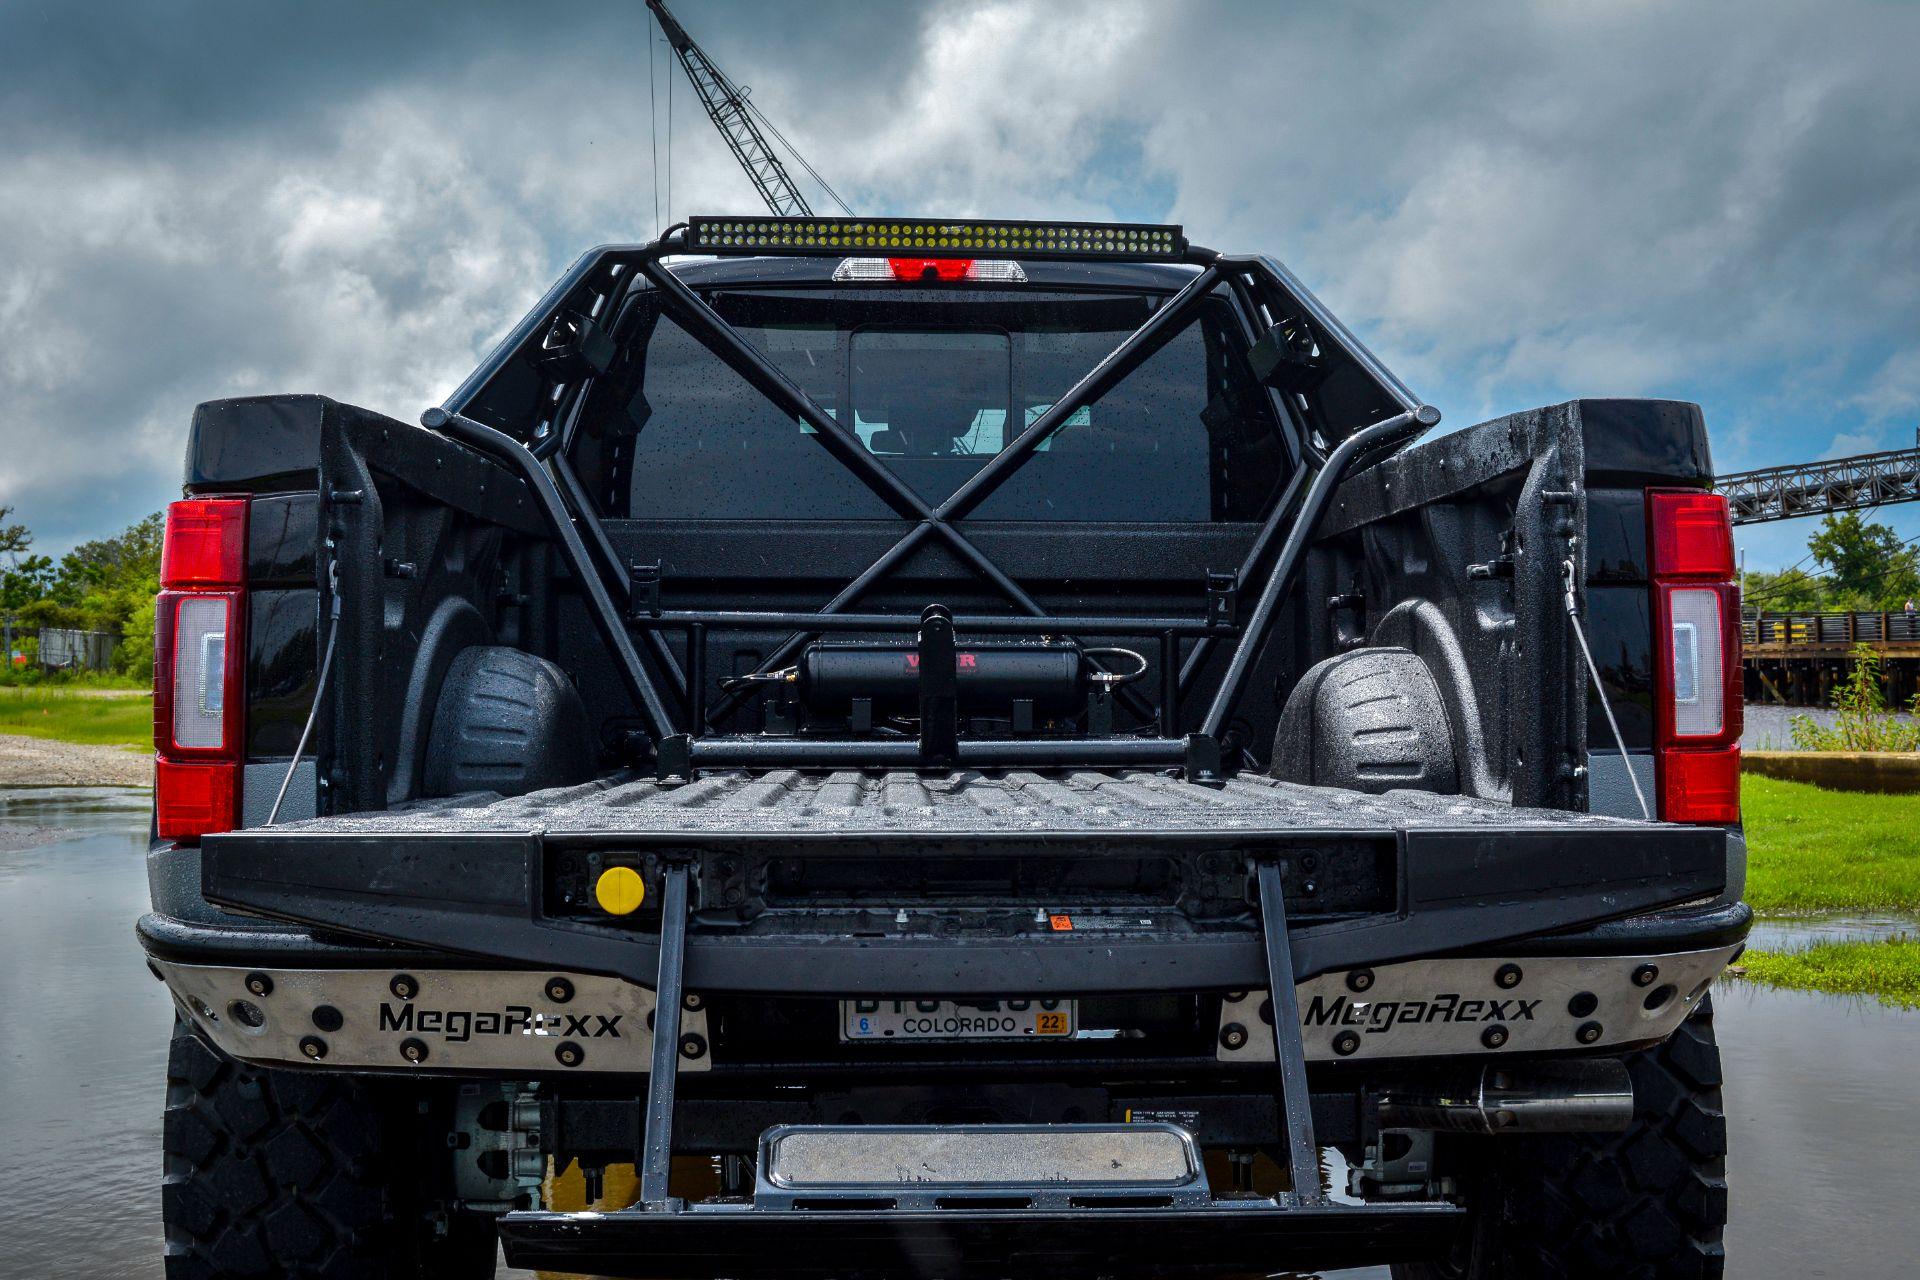 MegaRaptor-by-Megarexx-Trucks-27